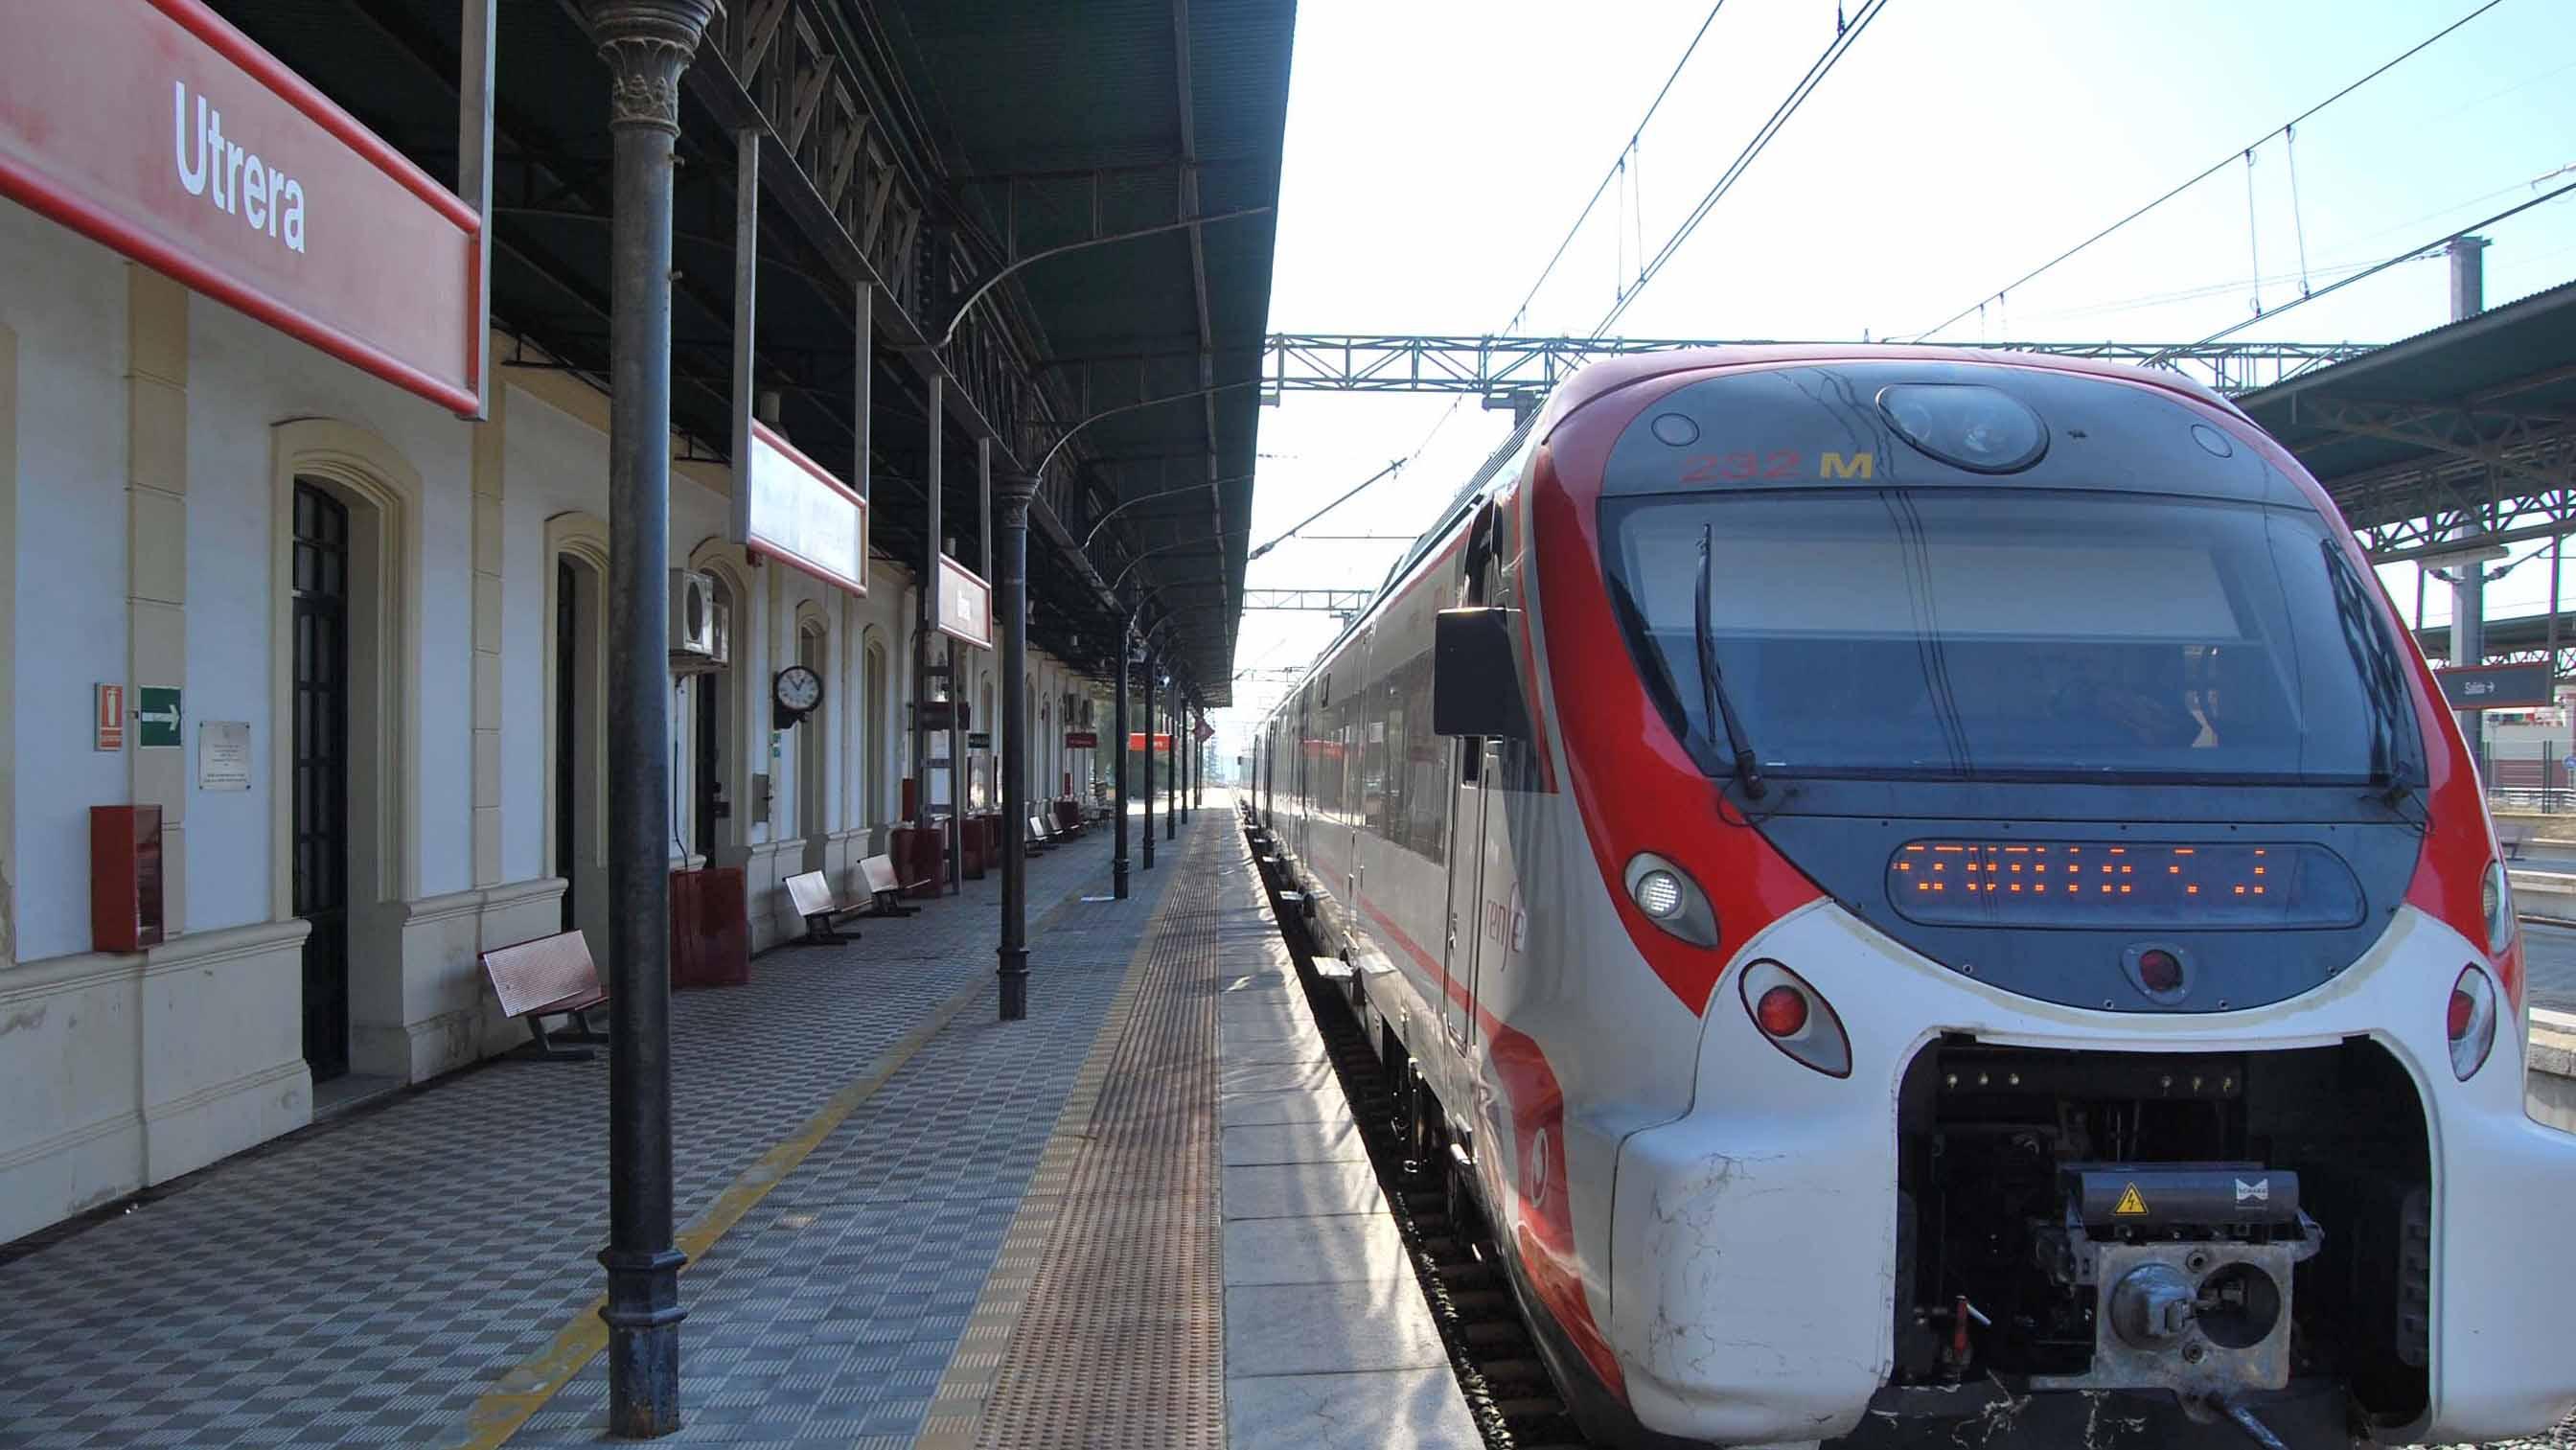 La estación de tren de Utrera es usada diariamente por miles de utreranoS